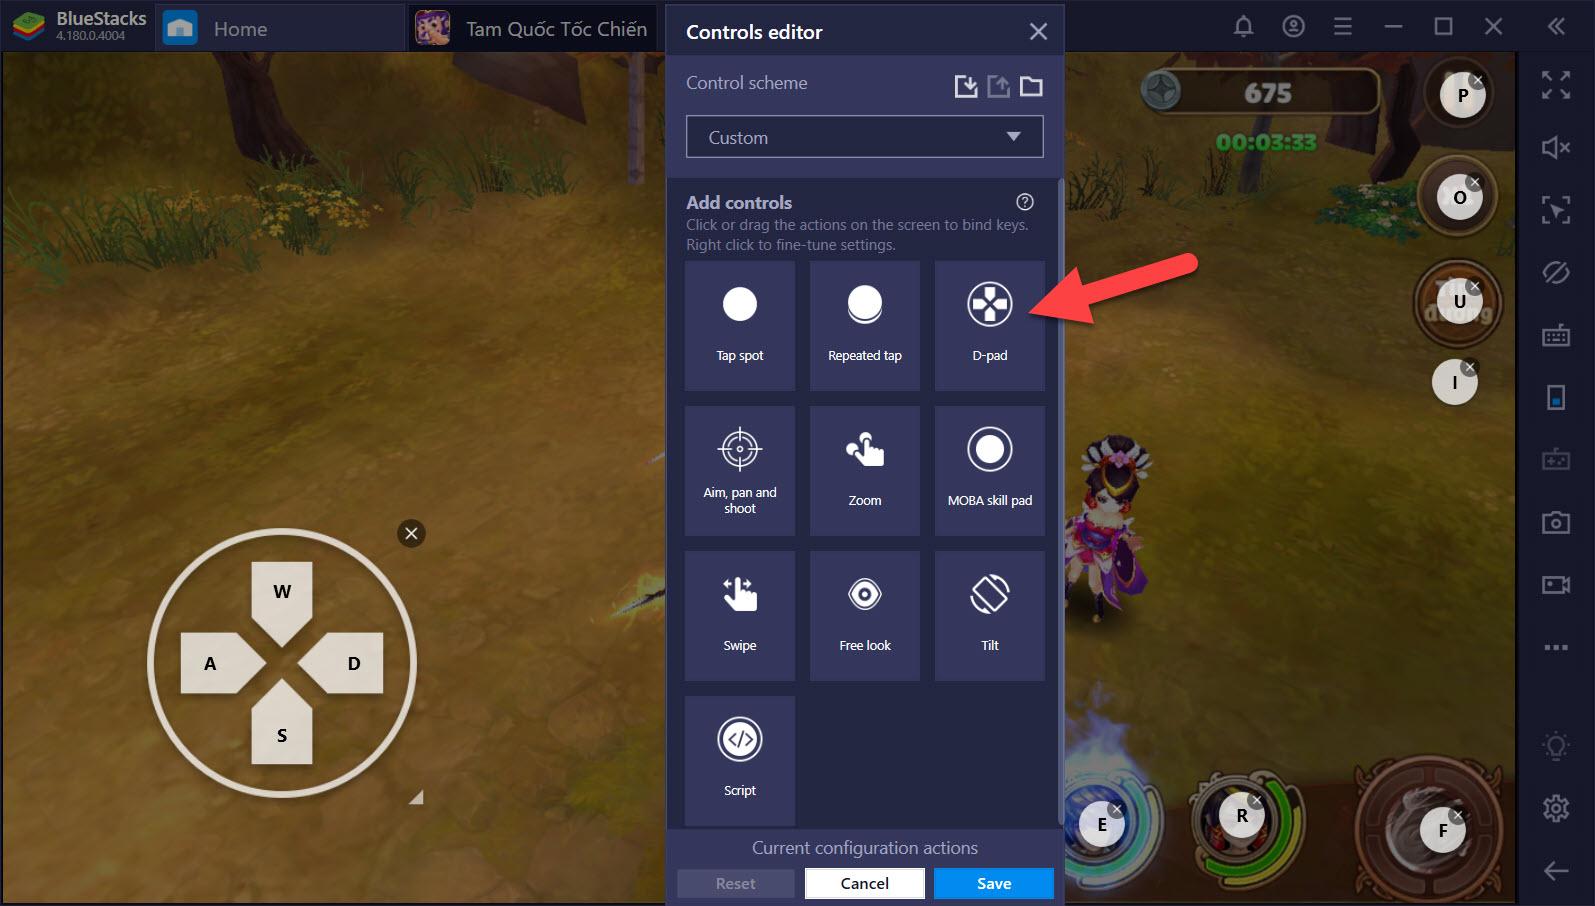 Thiết lập Game Controls, tối ưu kỹ năng tối thượng trong Tam Quốc Tốc Chiến